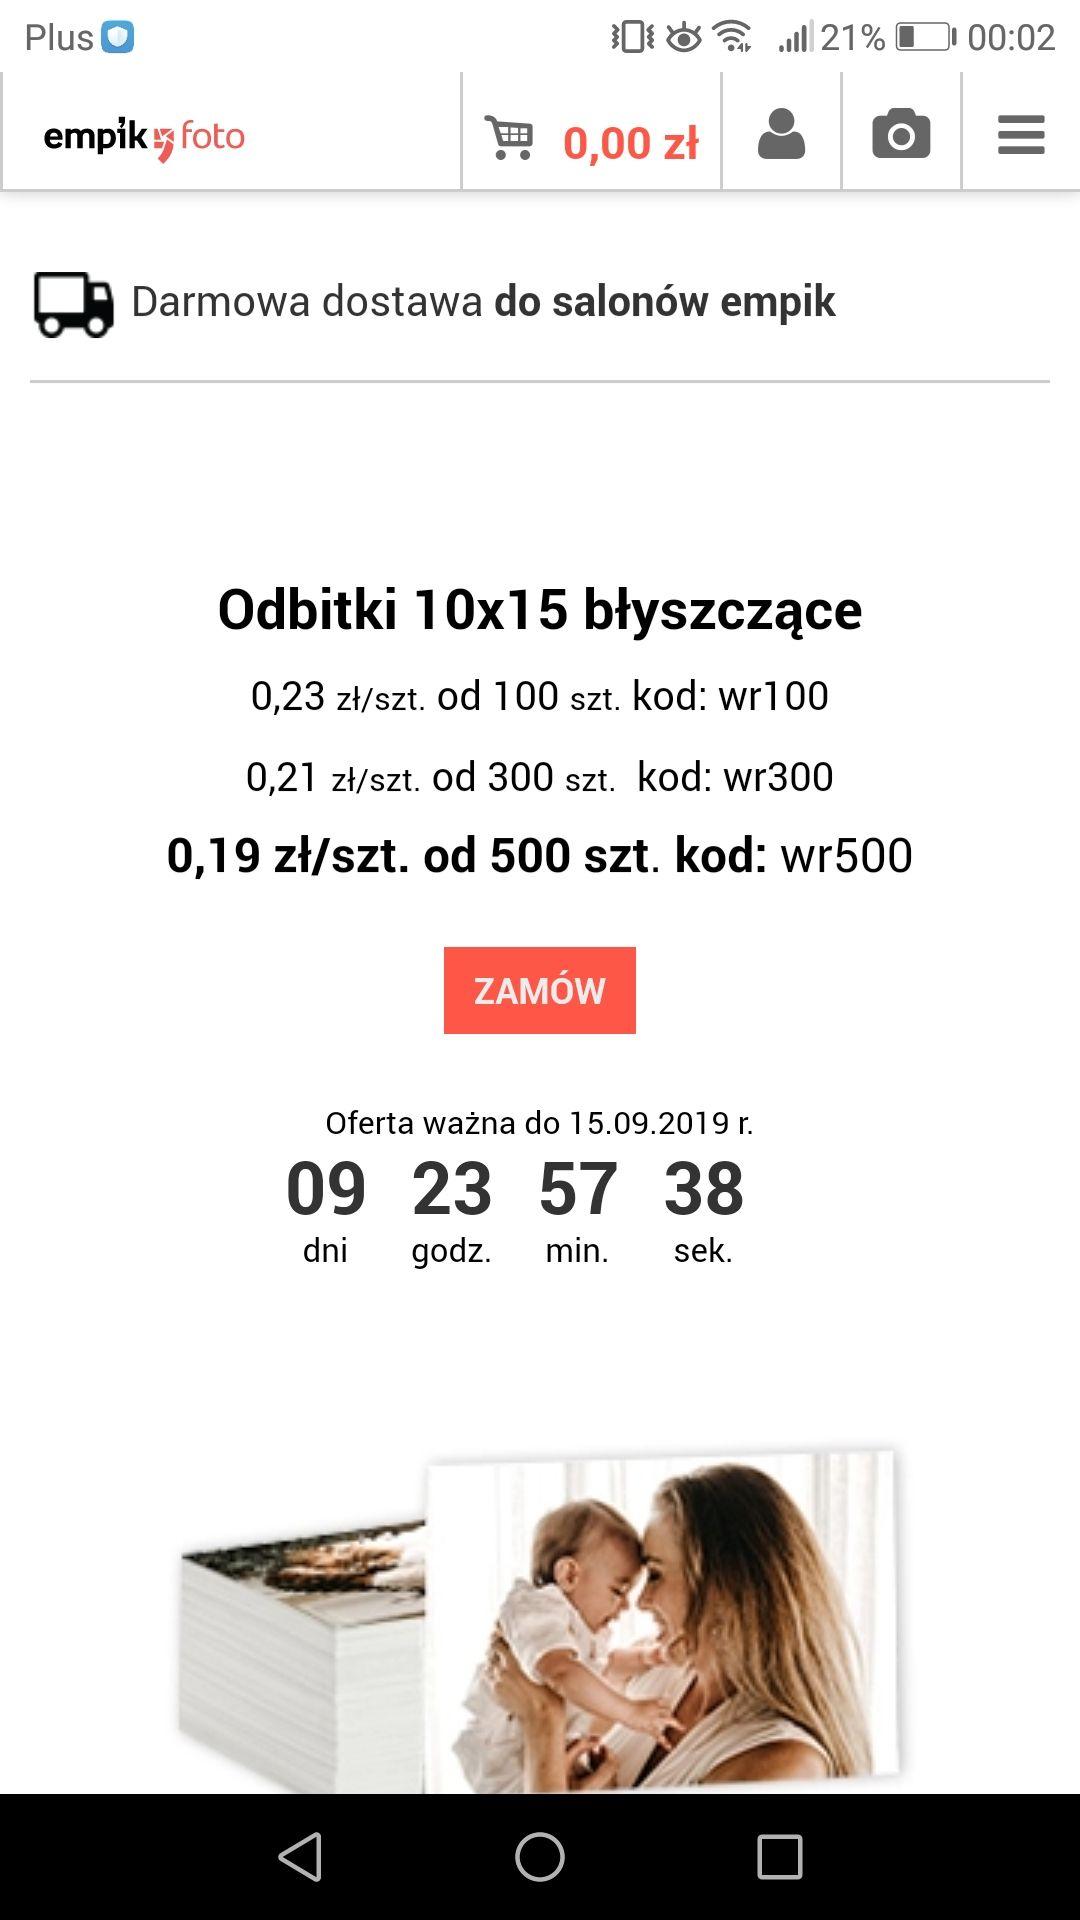 Empikfoto.pl promocja na odbitki na papierze błyszczącym w zależności od ilości